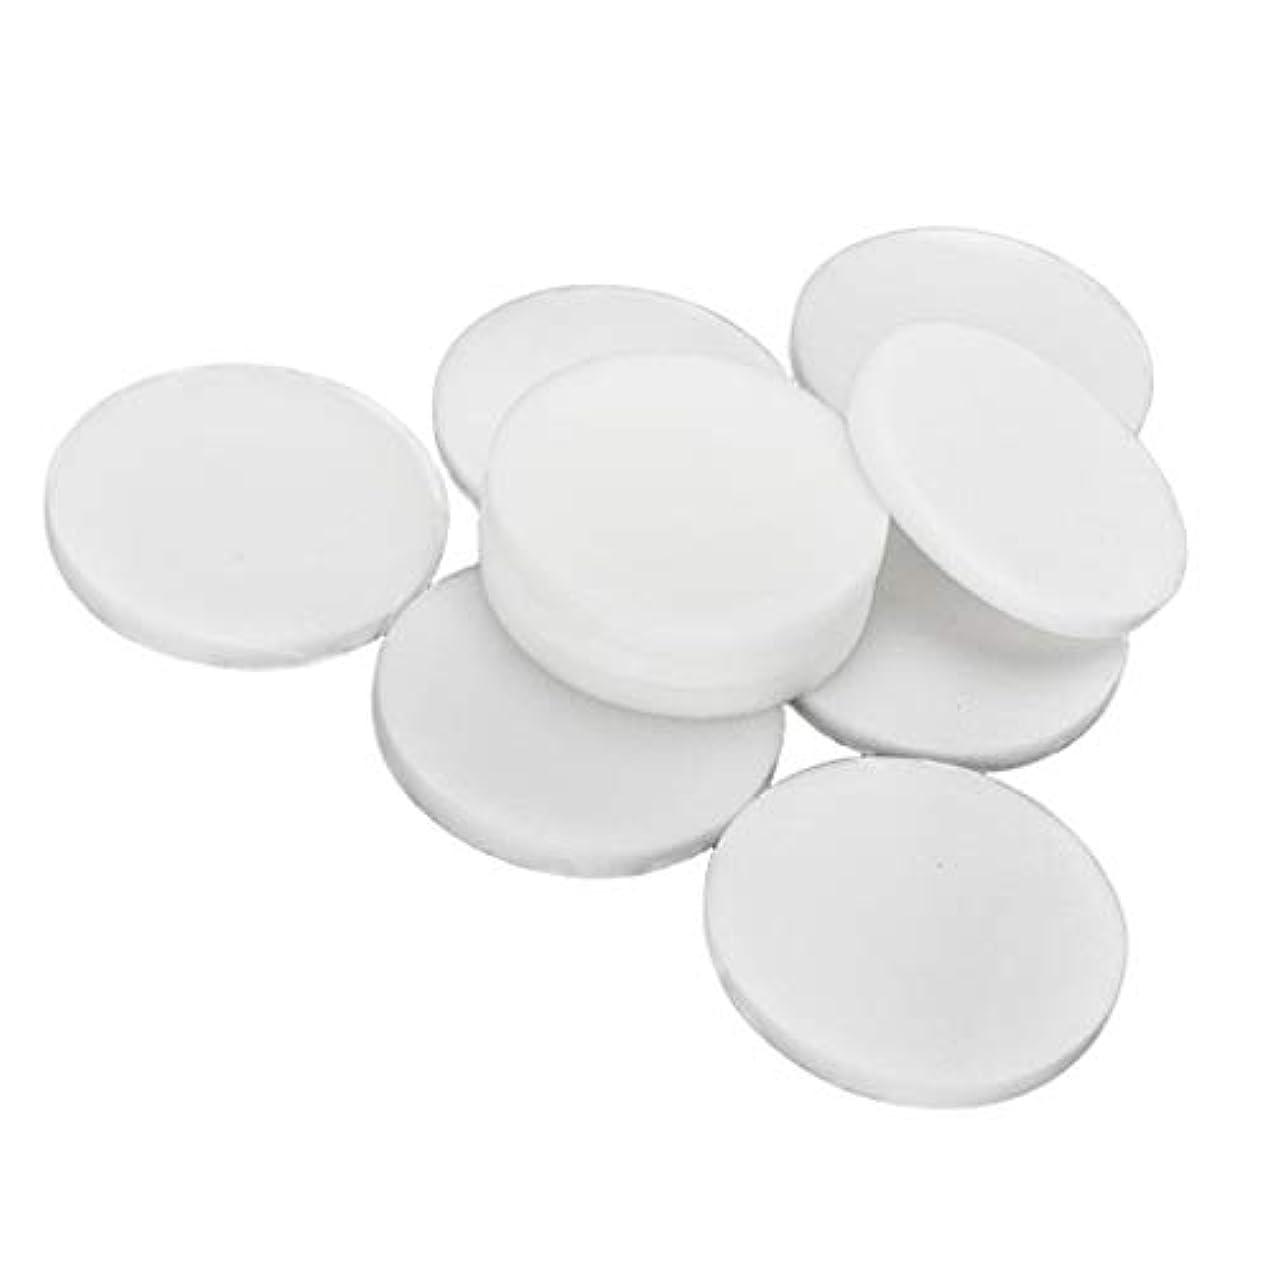 昼食引用振る舞いPerfeclan 約10個 洗顔スポンジ 洗顔パフ メイクアップパフ フェイシャルスポンジ 全2サイズ - 大